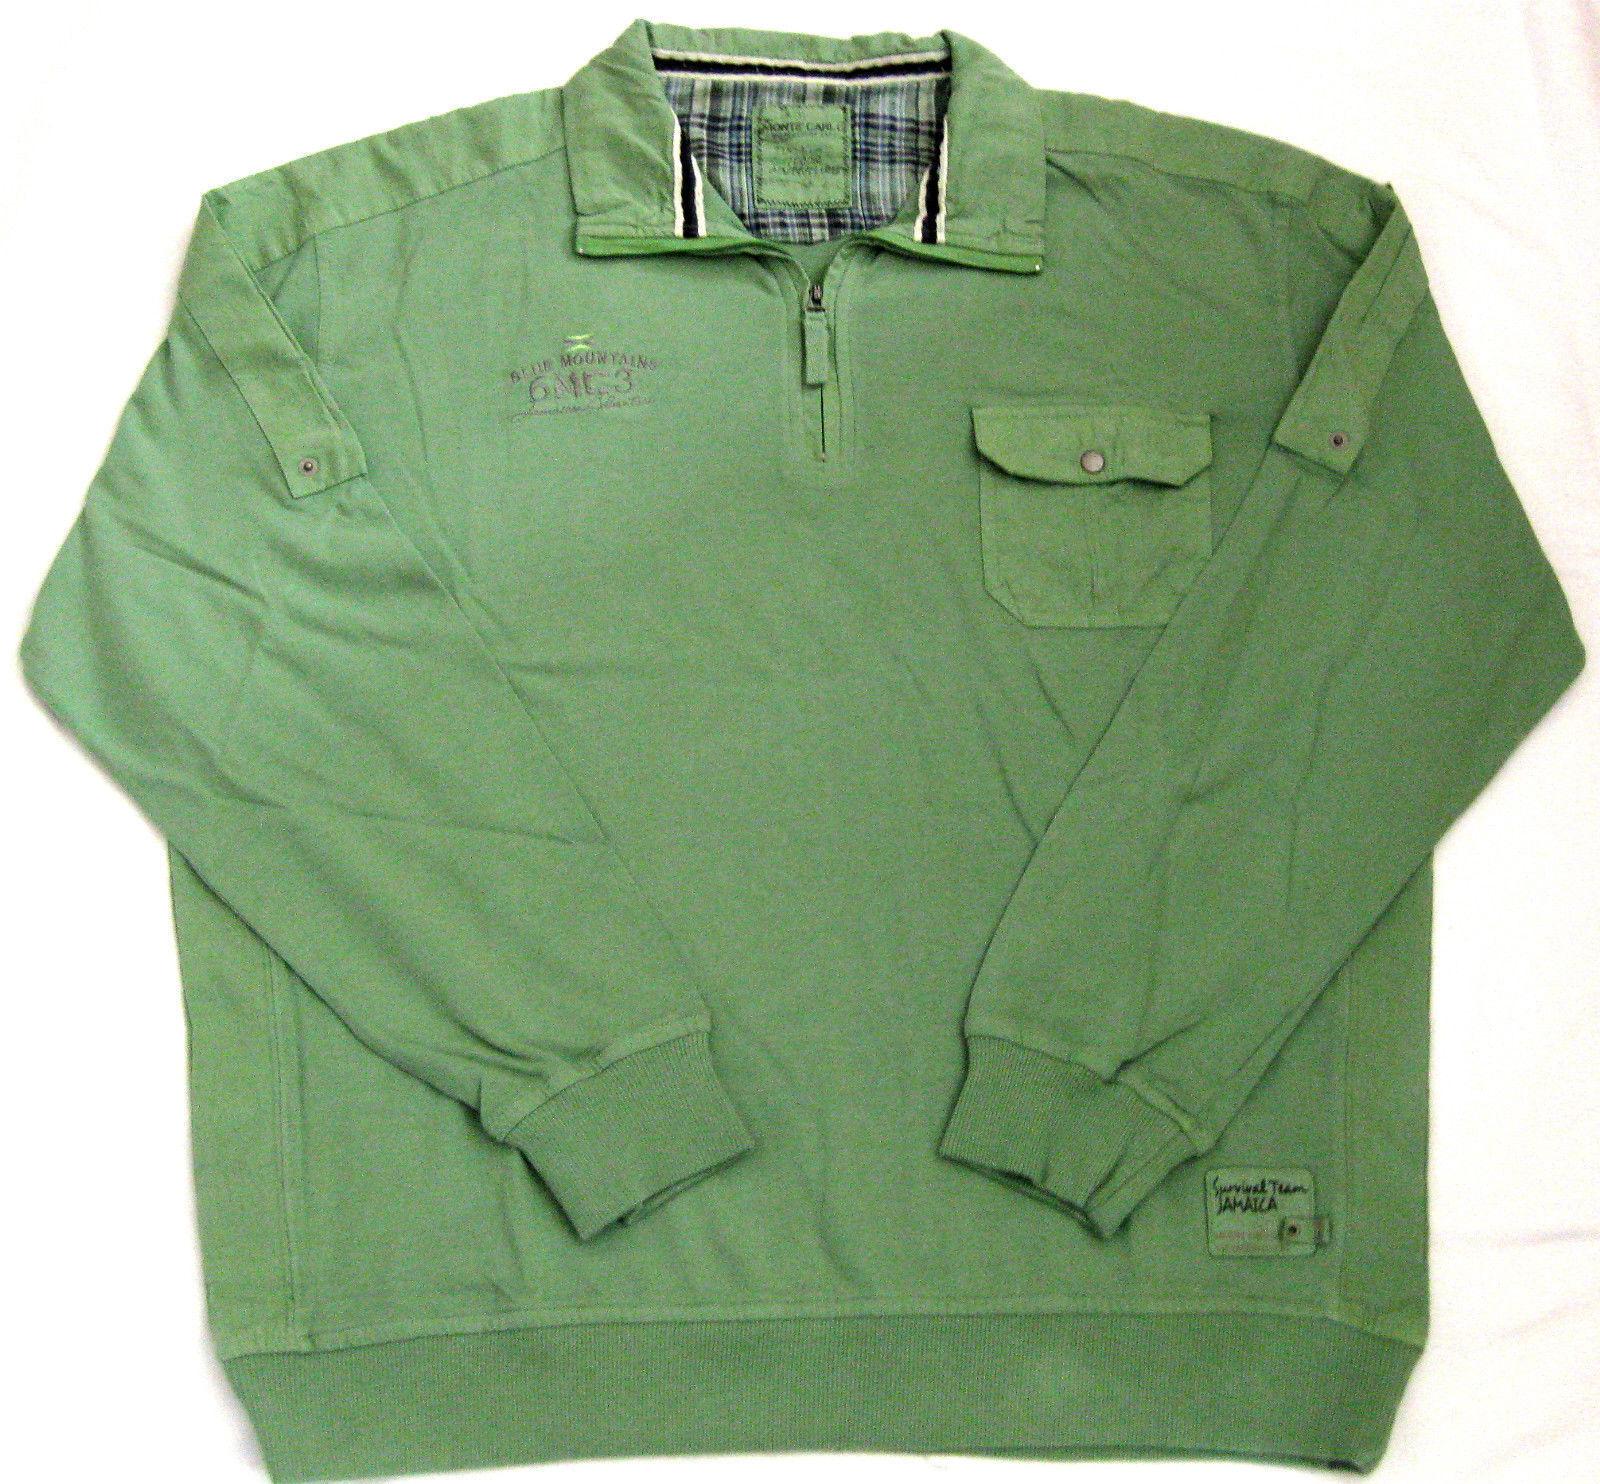 Monte Carlo Herren Sweater Qualitäts Sweatshirt mit Zip apfelgrün M-XXXXL